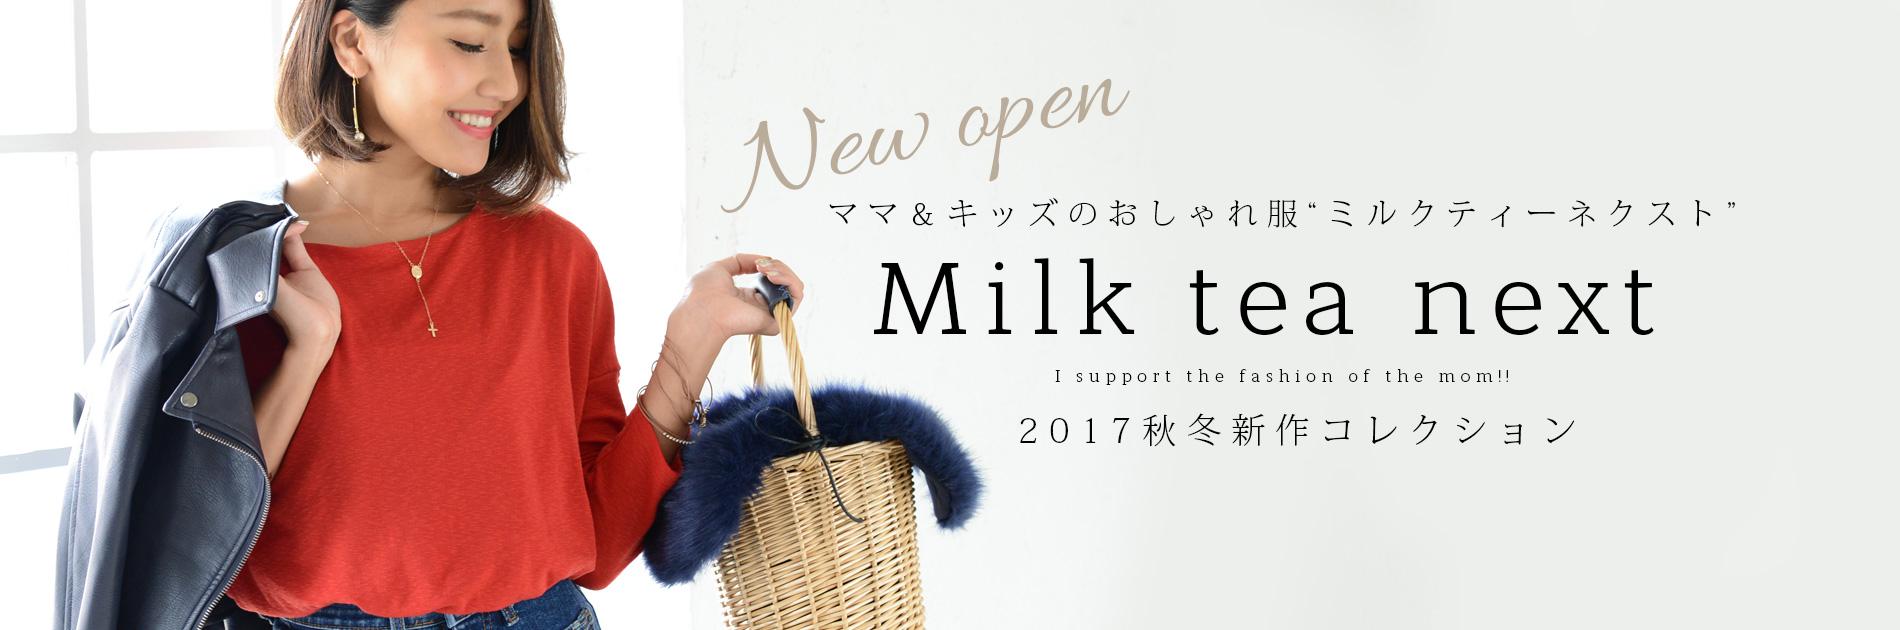 ママの欲しいを叶えた「卒乳後のママ服」Milk tea next